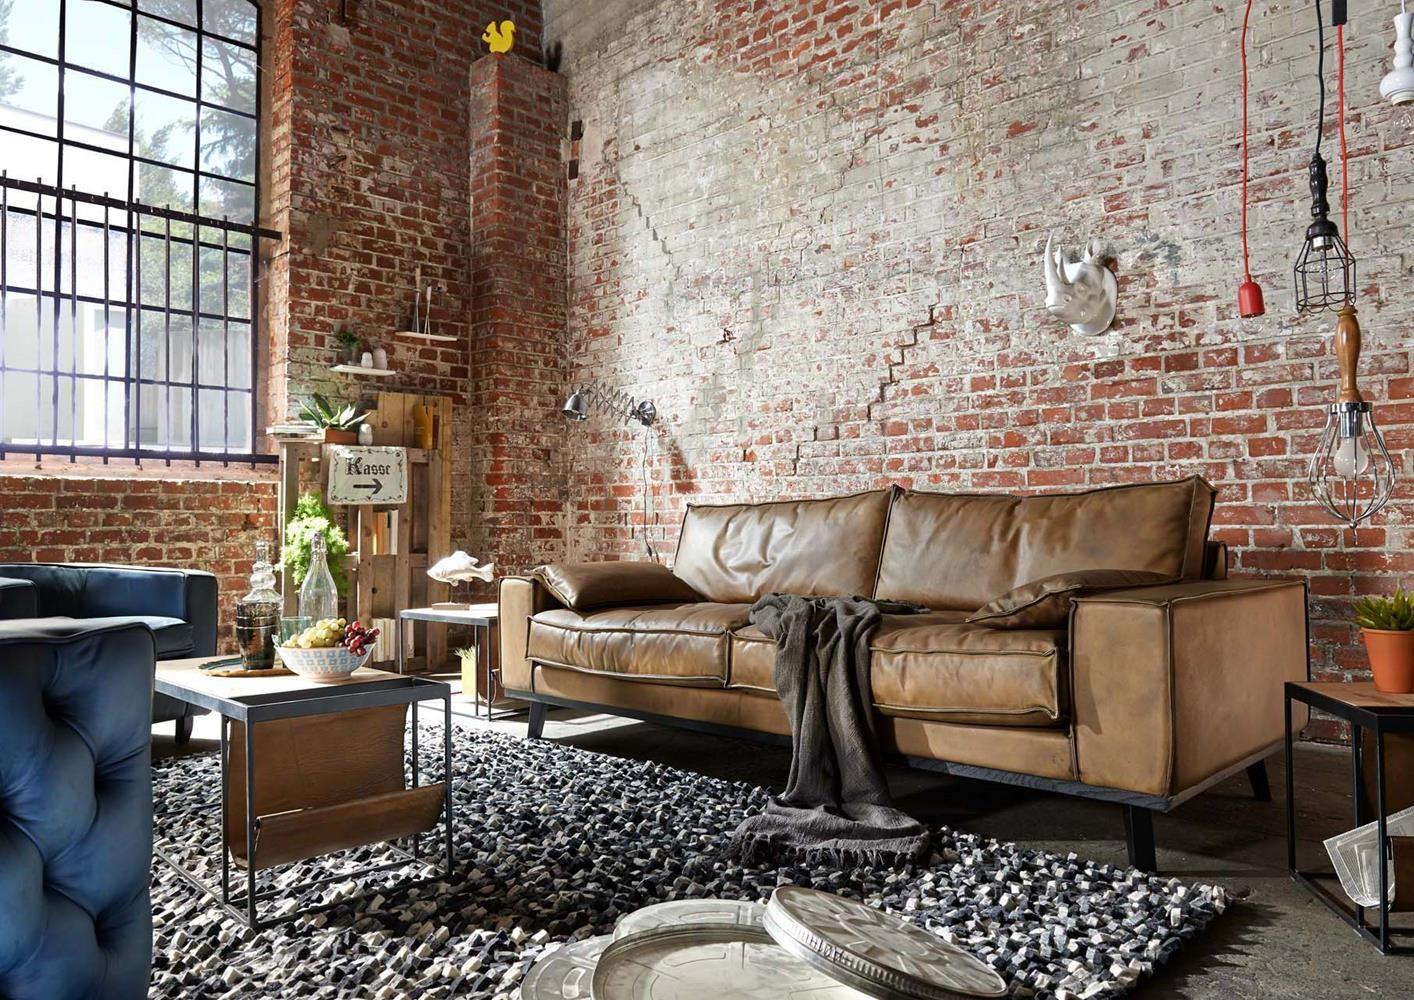 Canapé Places élégant Et Chic Style Industriel Salon Pinterest - Canapé design industriel